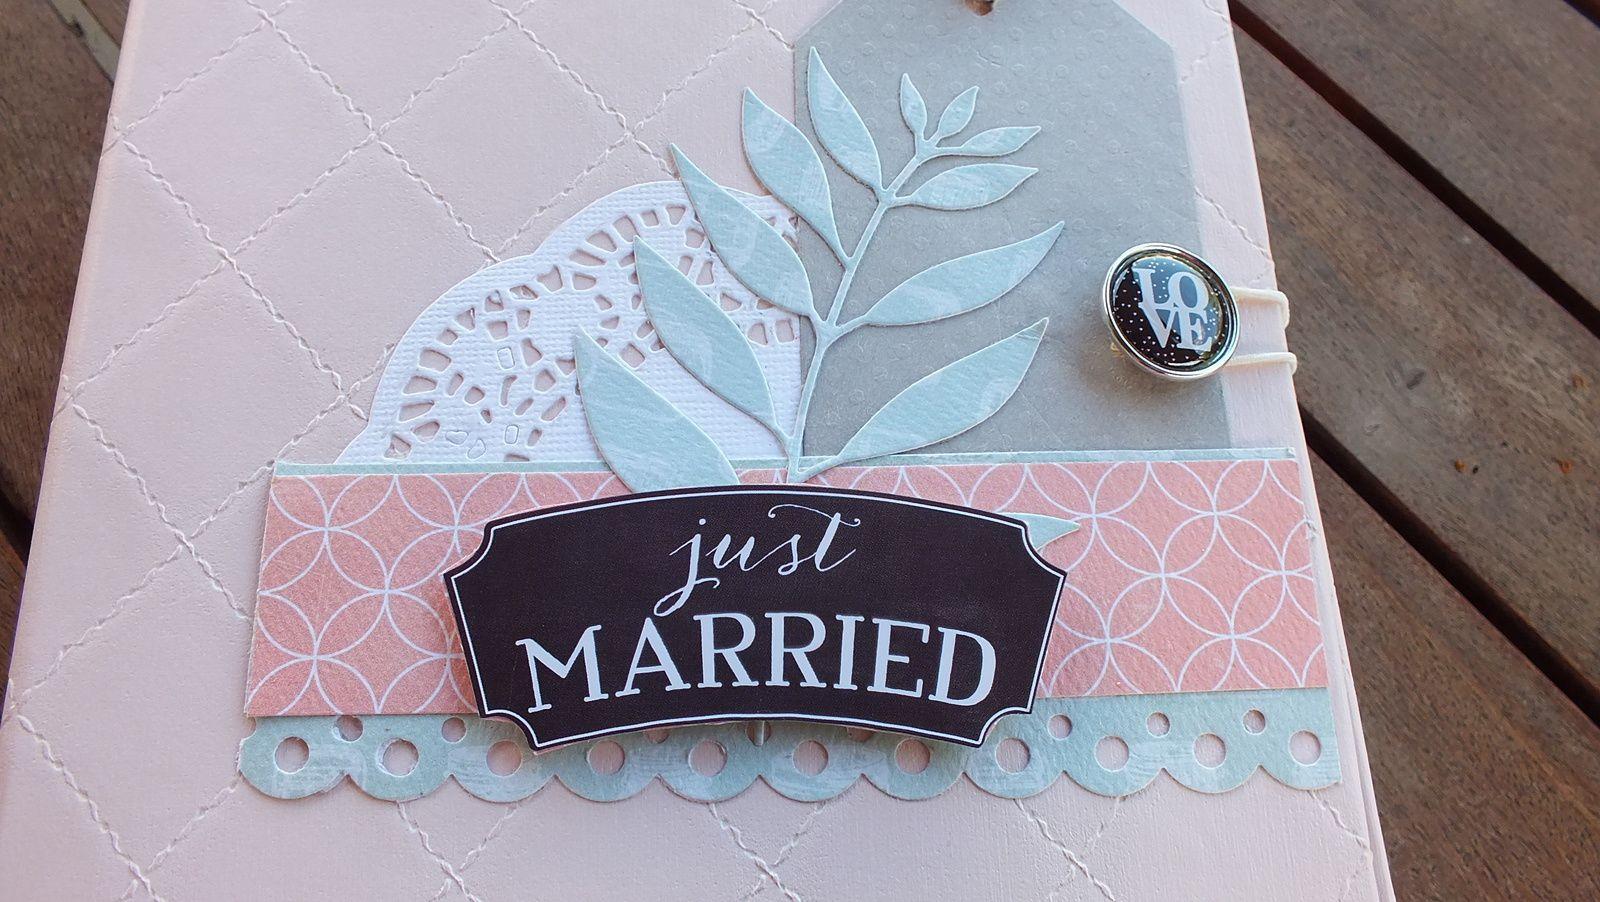 Offert à l'occasion d'un mariage